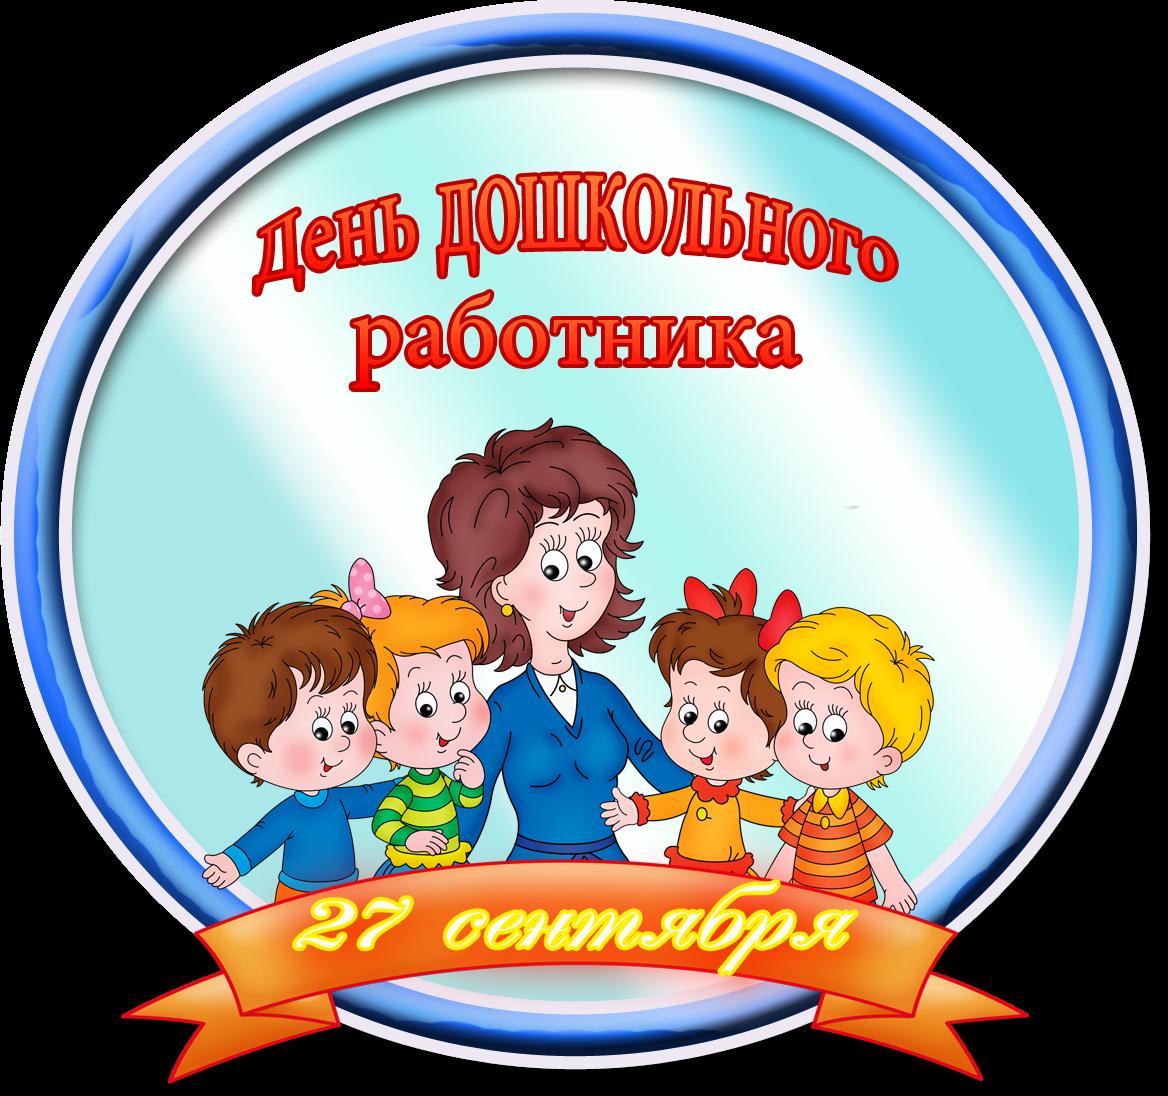 Поздравления день дошкольного работника в детском саду для сотрудников